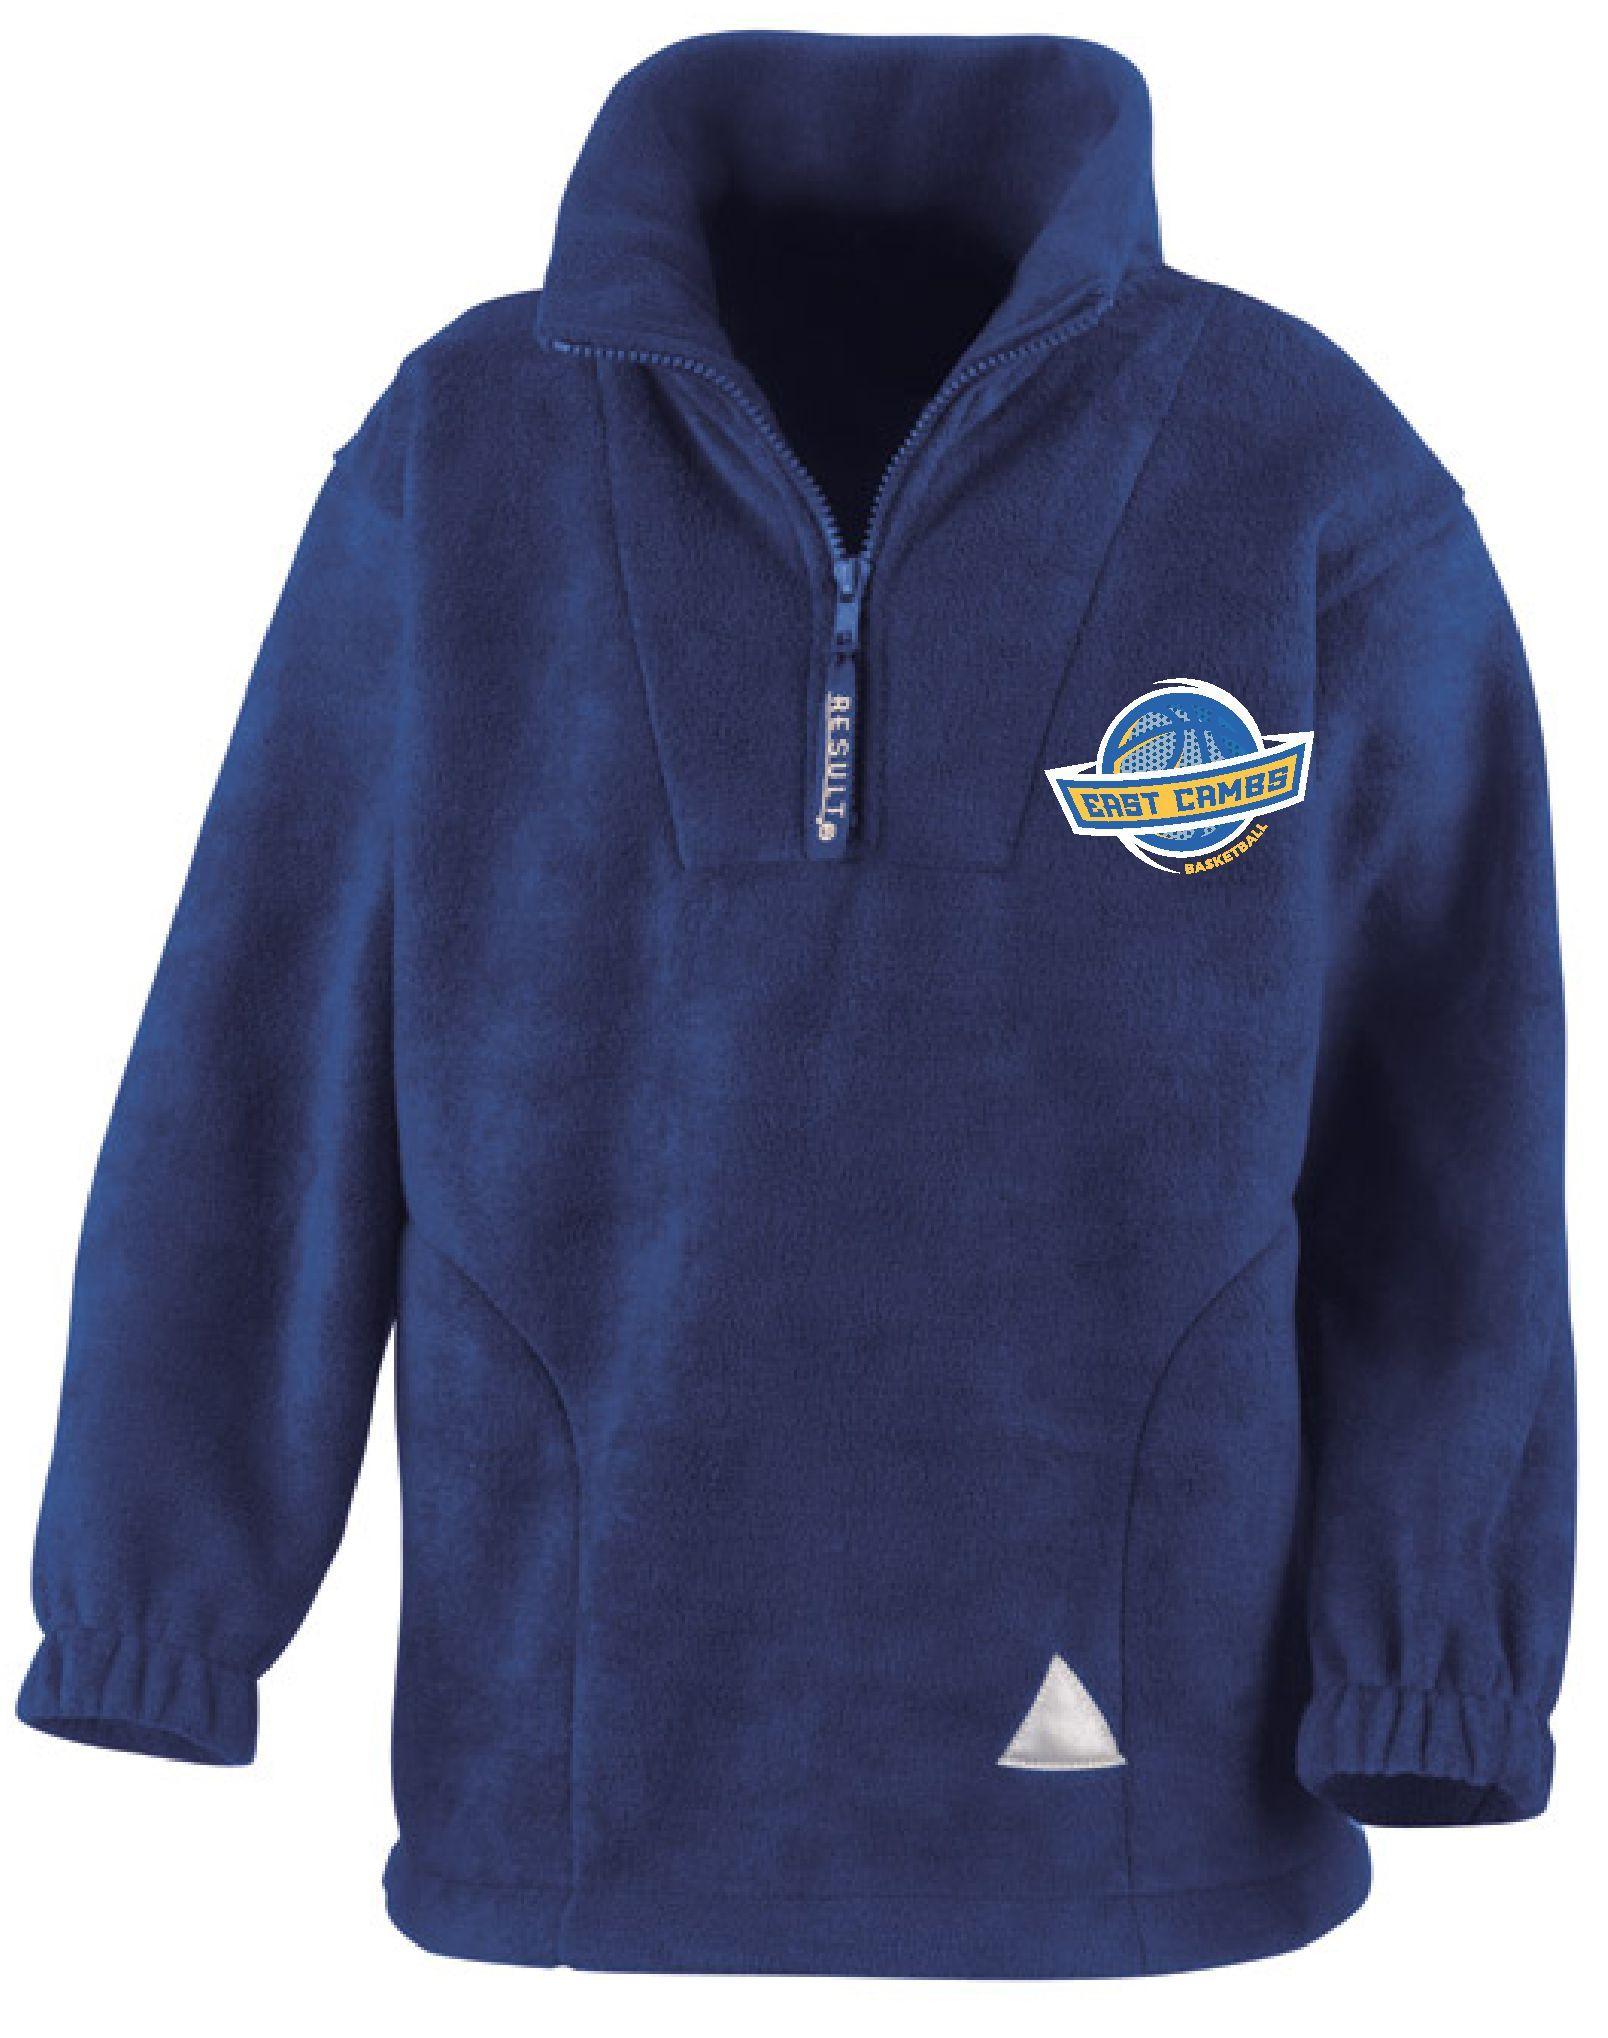 Warriors - Kids Quarter Zip Fleece (Royal Blue)